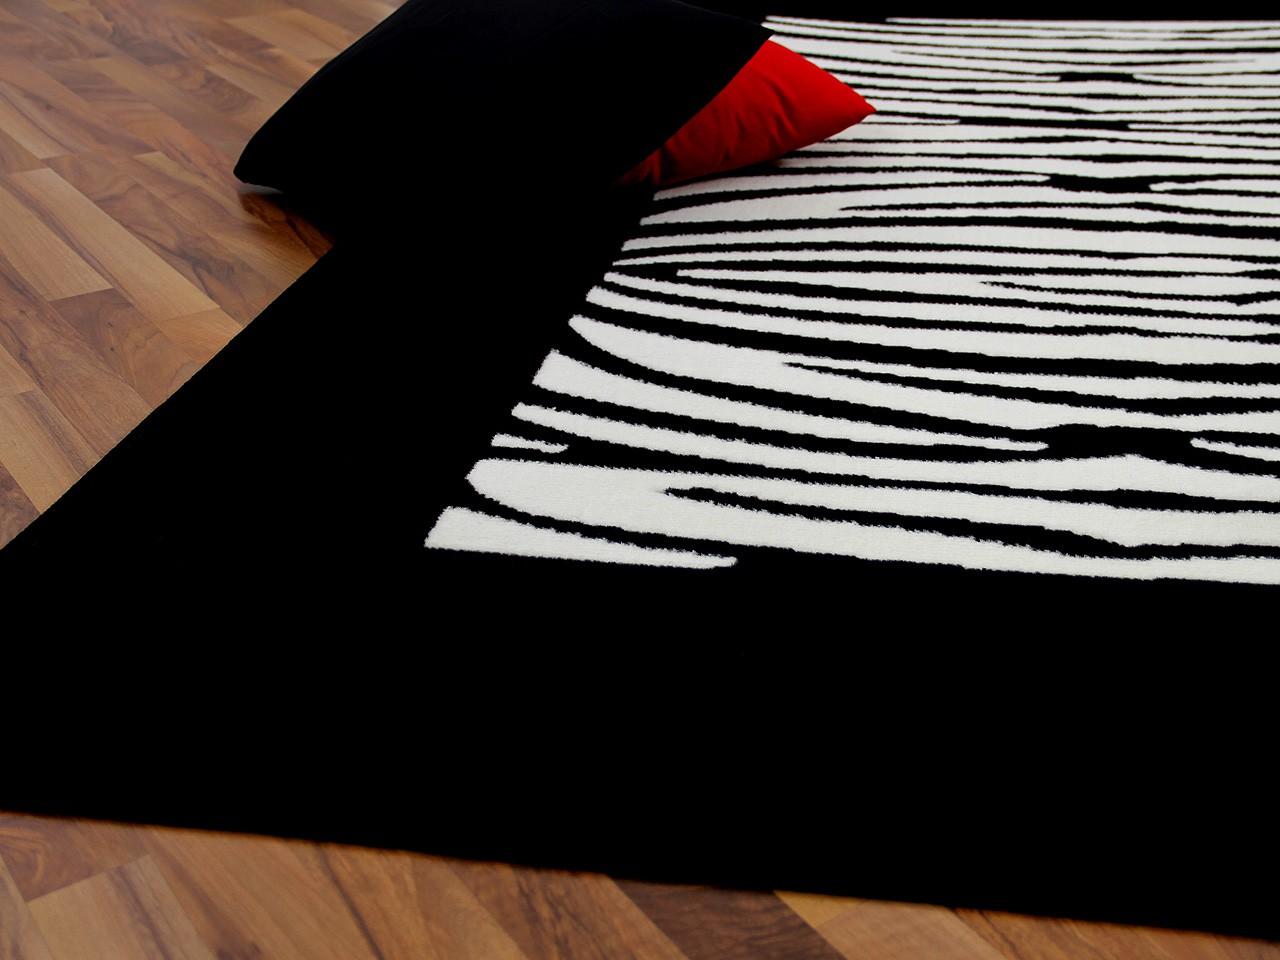 teppich trendline schwarz wei streifen abverkauf teppiche. Black Bedroom Furniture Sets. Home Design Ideas